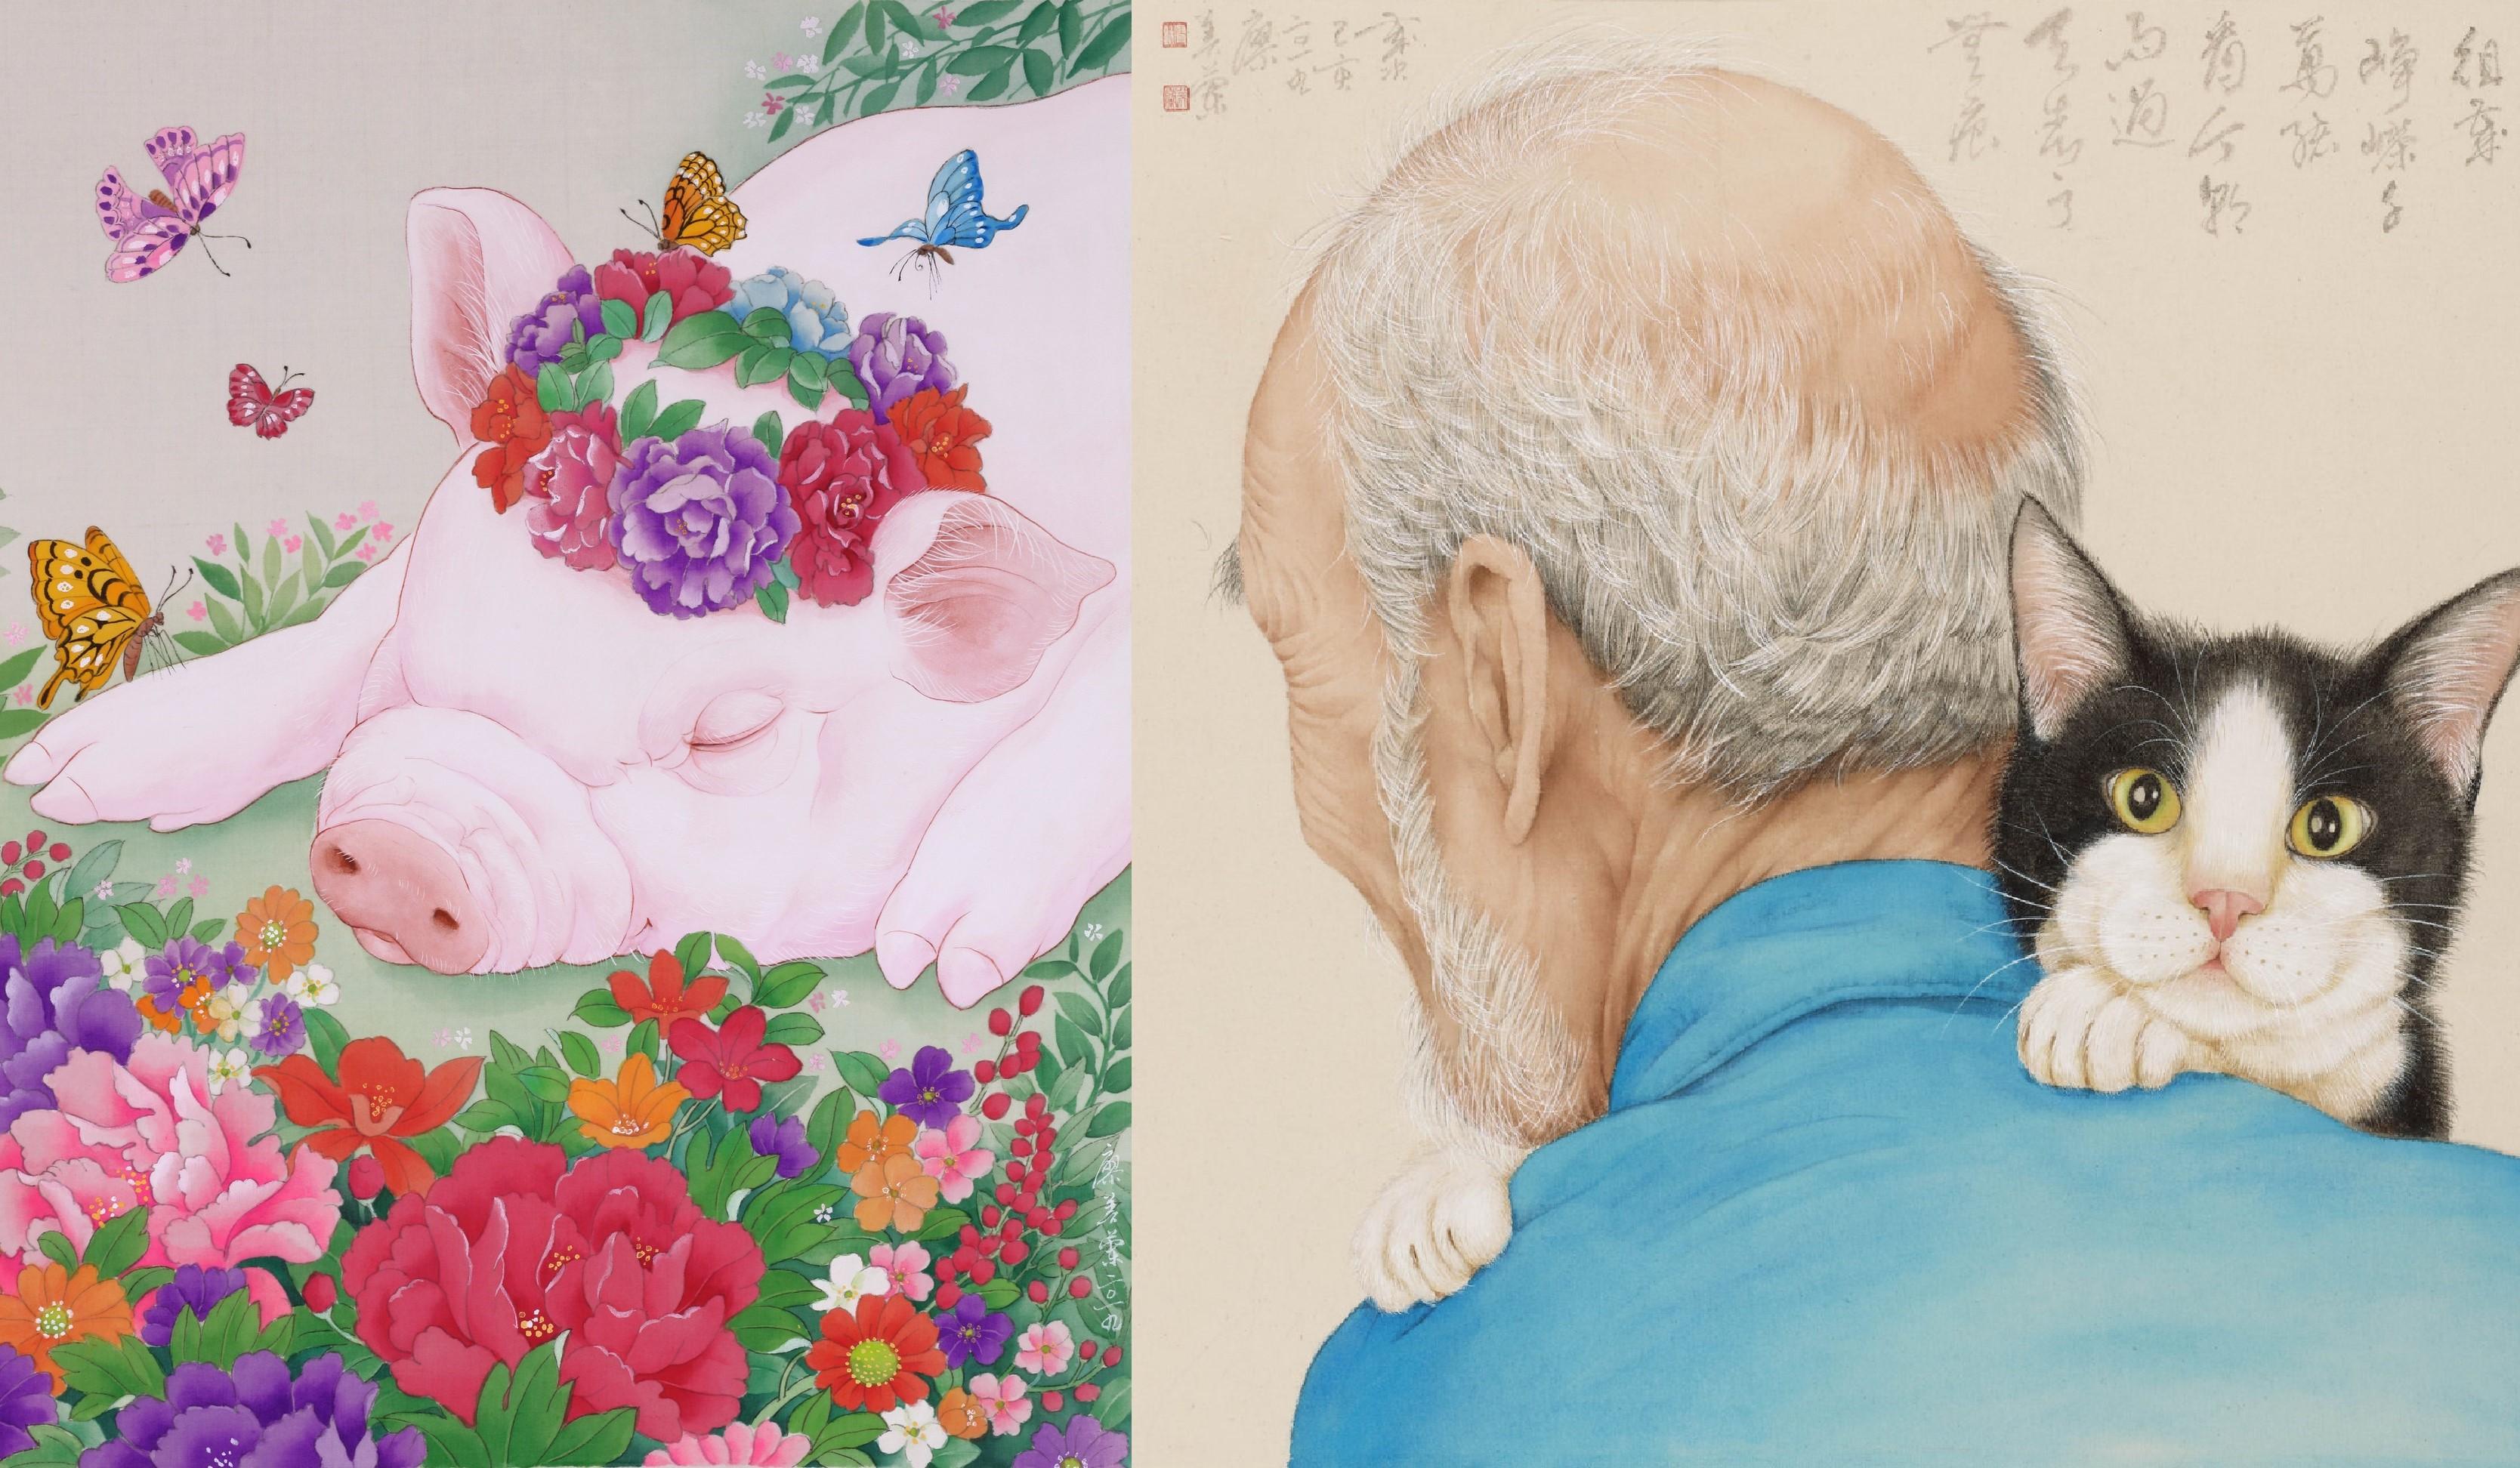 寫實與細膩,藝術家廖美蘭老師筆下繪出的生命之美與人間情味。